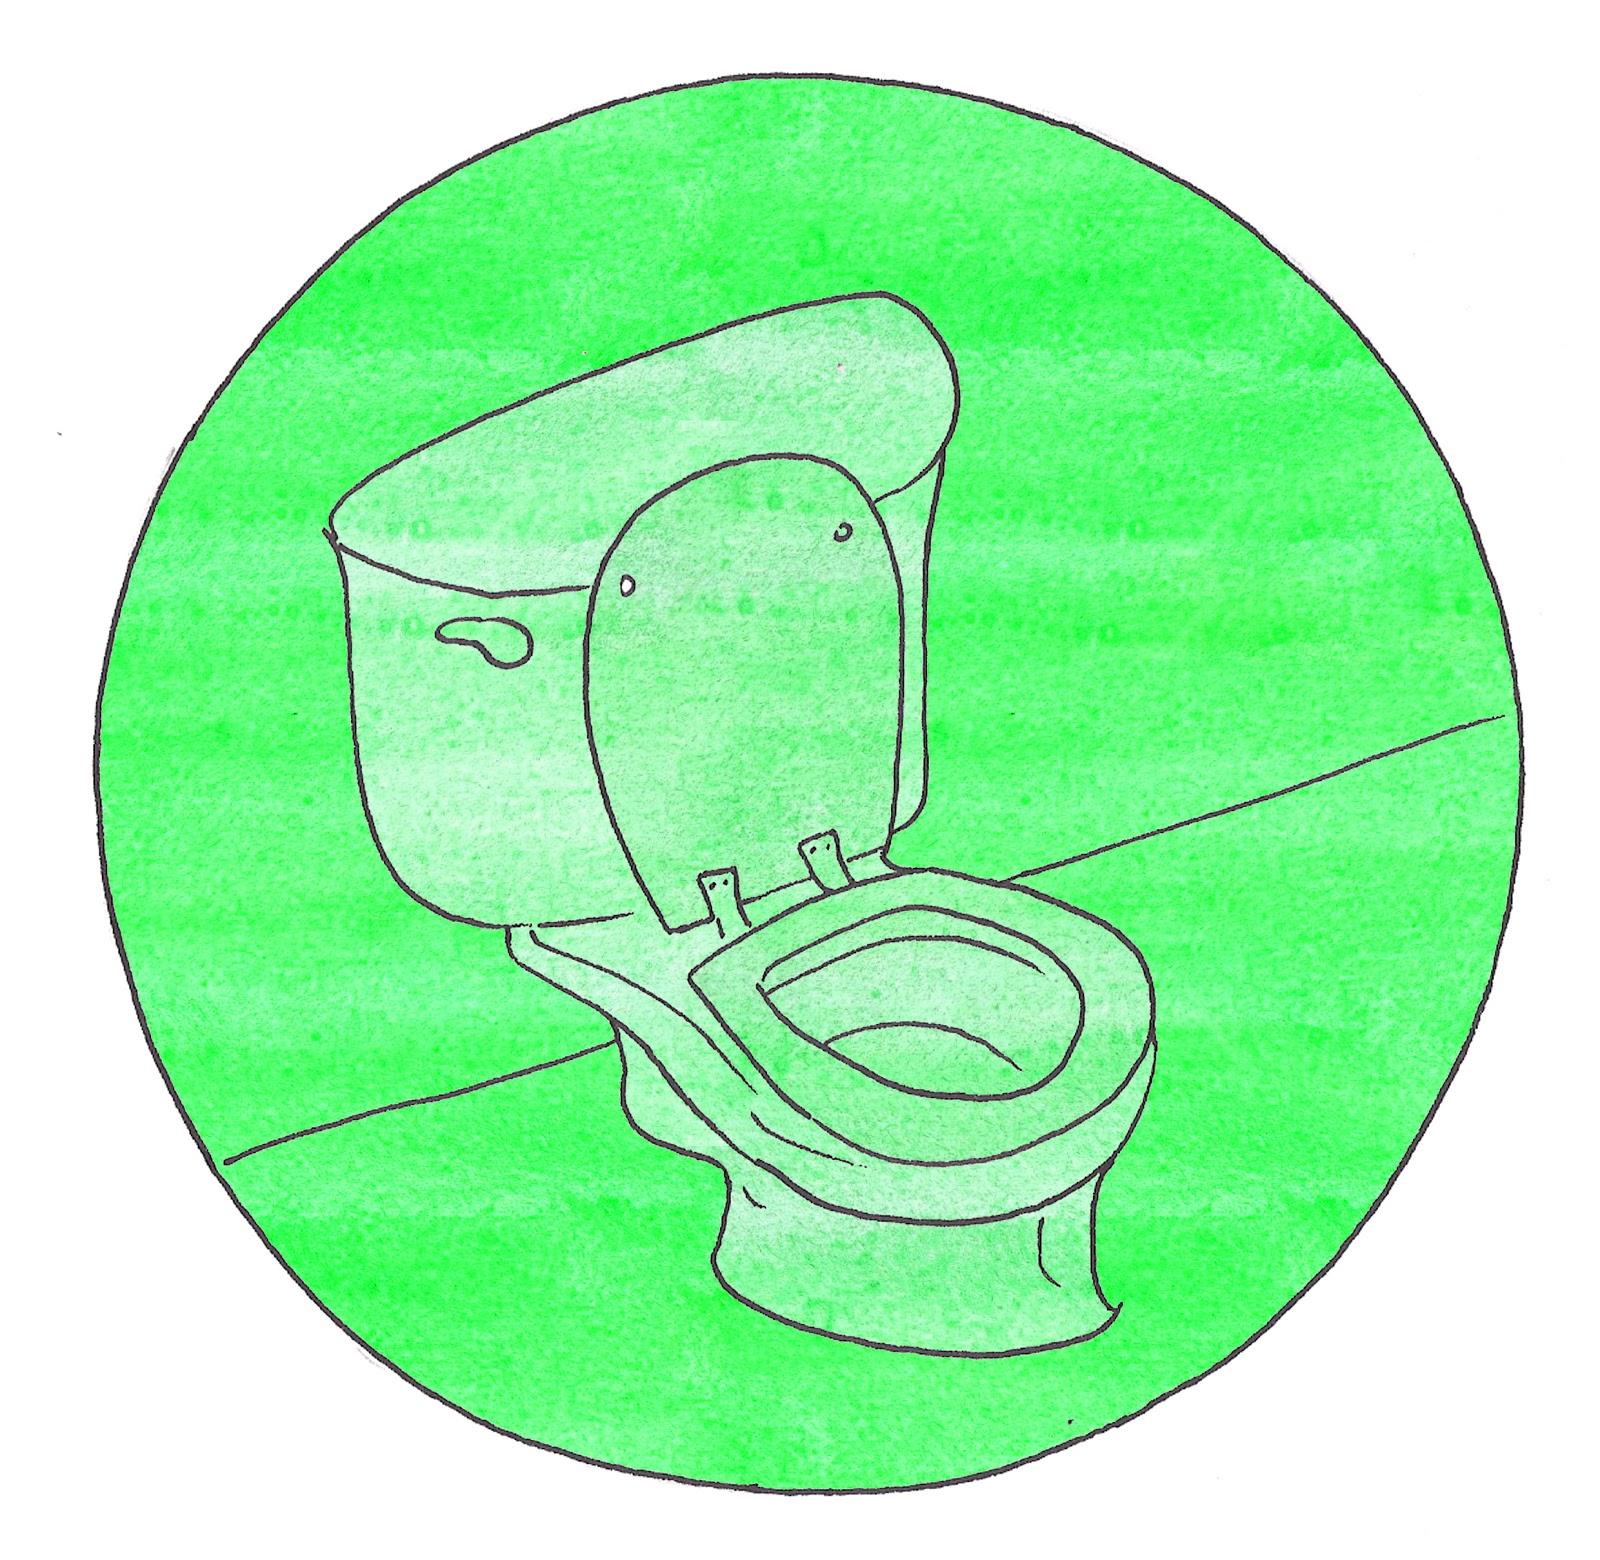 Imagenes De Puedo Ir Al Baño:un niño va al baño y se viene la avalancha de peticiones puedo ir al